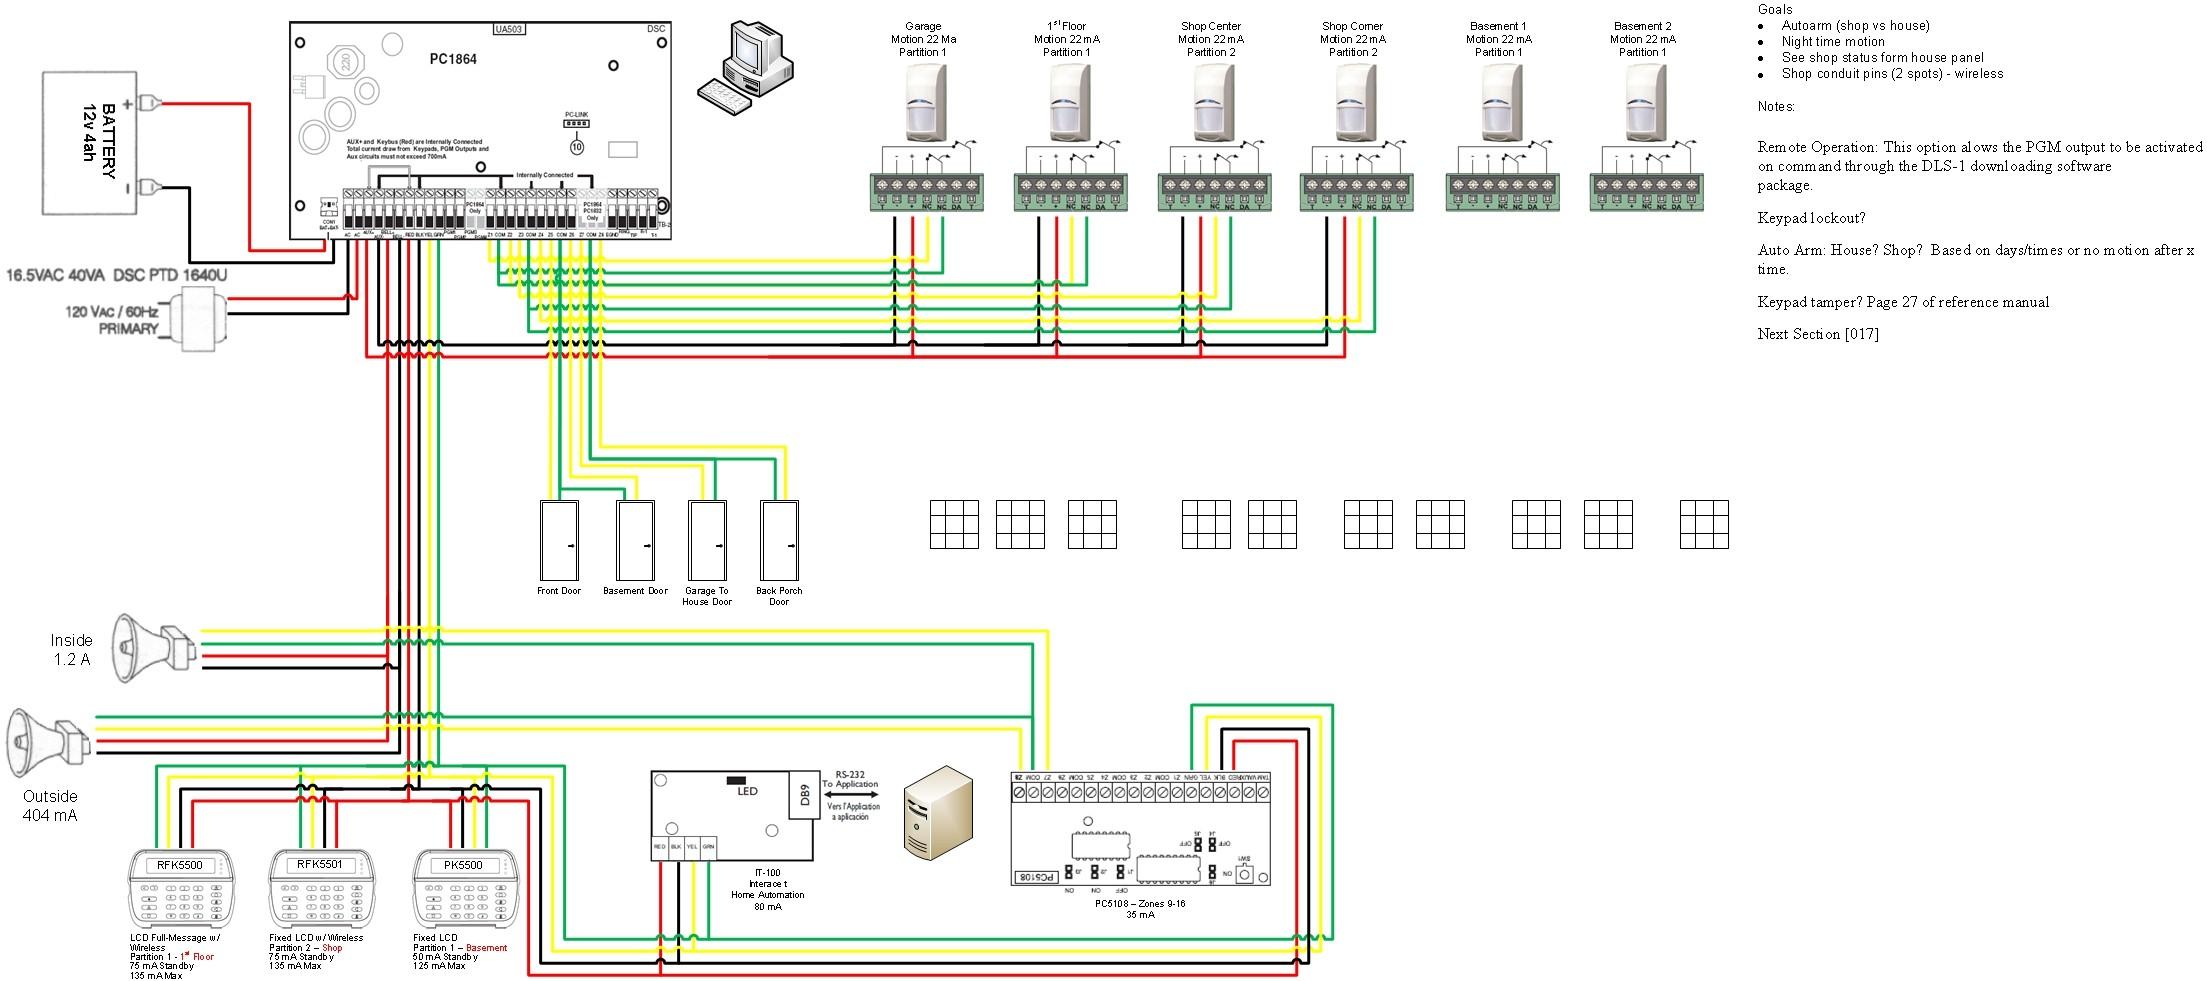 hornet car alarm wiring diagram my wiring diagram rh detoxicrecenze com Prestige Car Alarm Wiring Diagram hornet car alarm wiring diagram